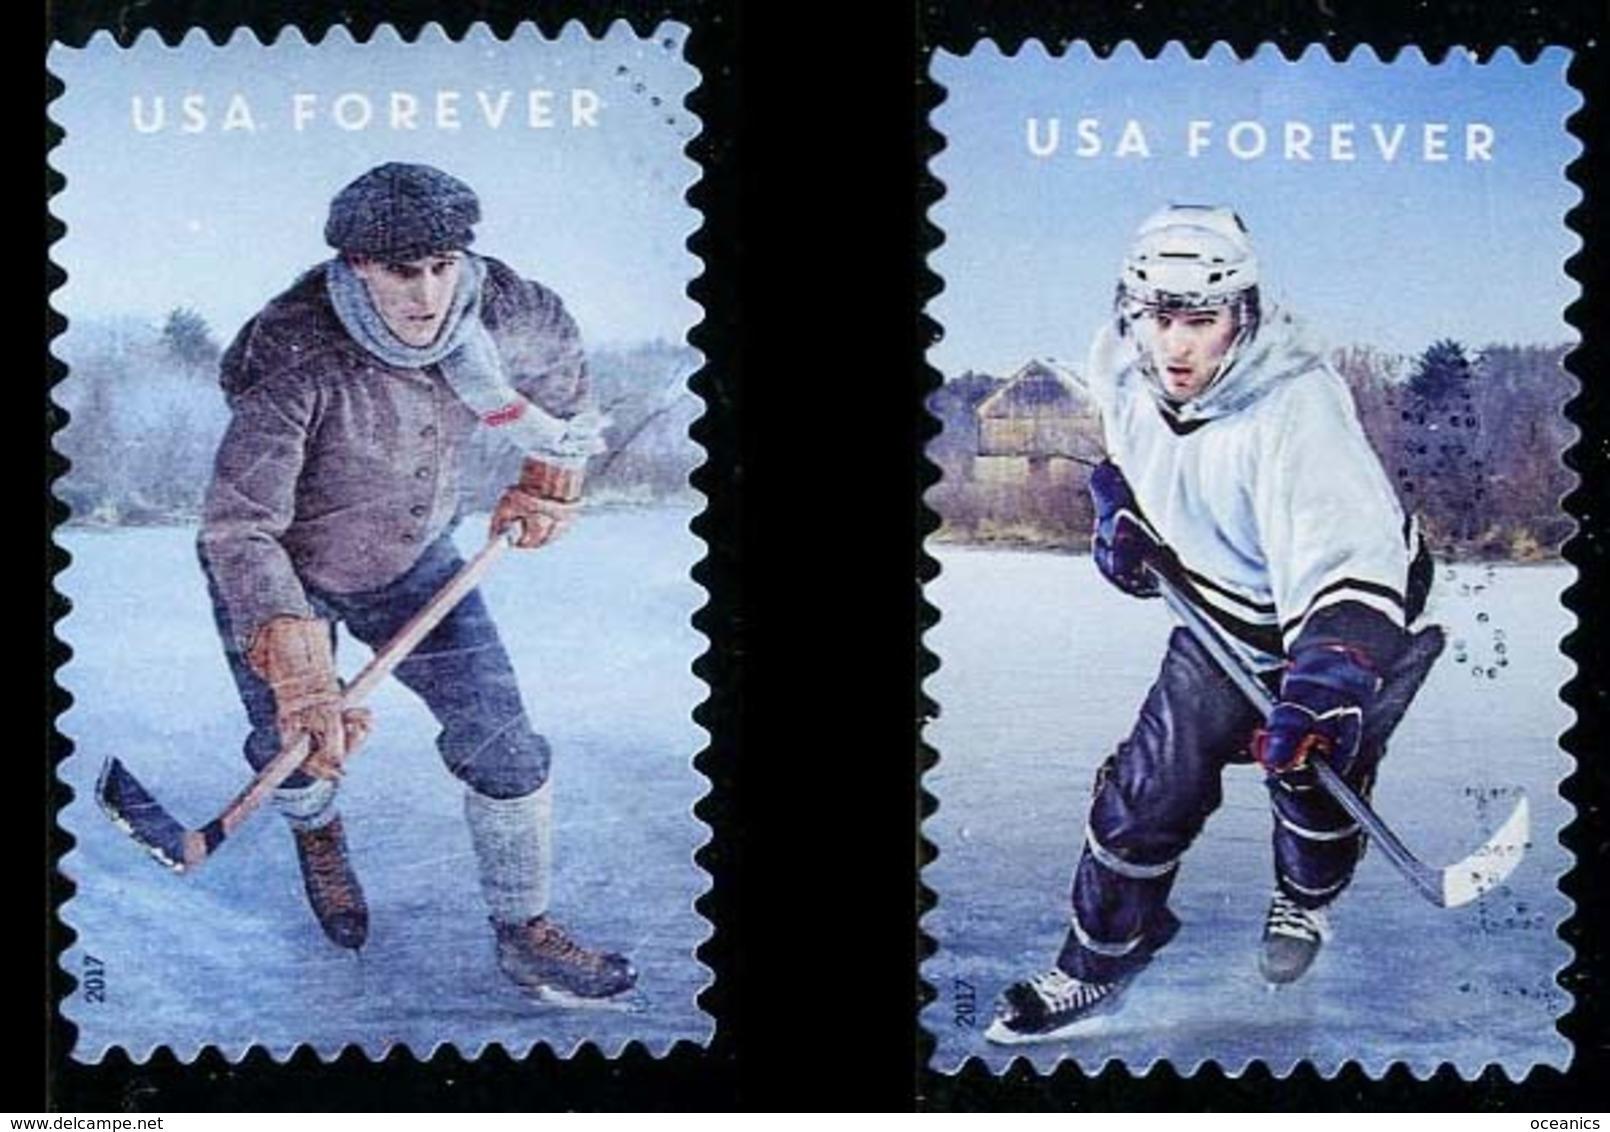 Etats-Unis / United States (Scott No.5253 - Hockey) ) (o) TB / VF - Verenigde Staten